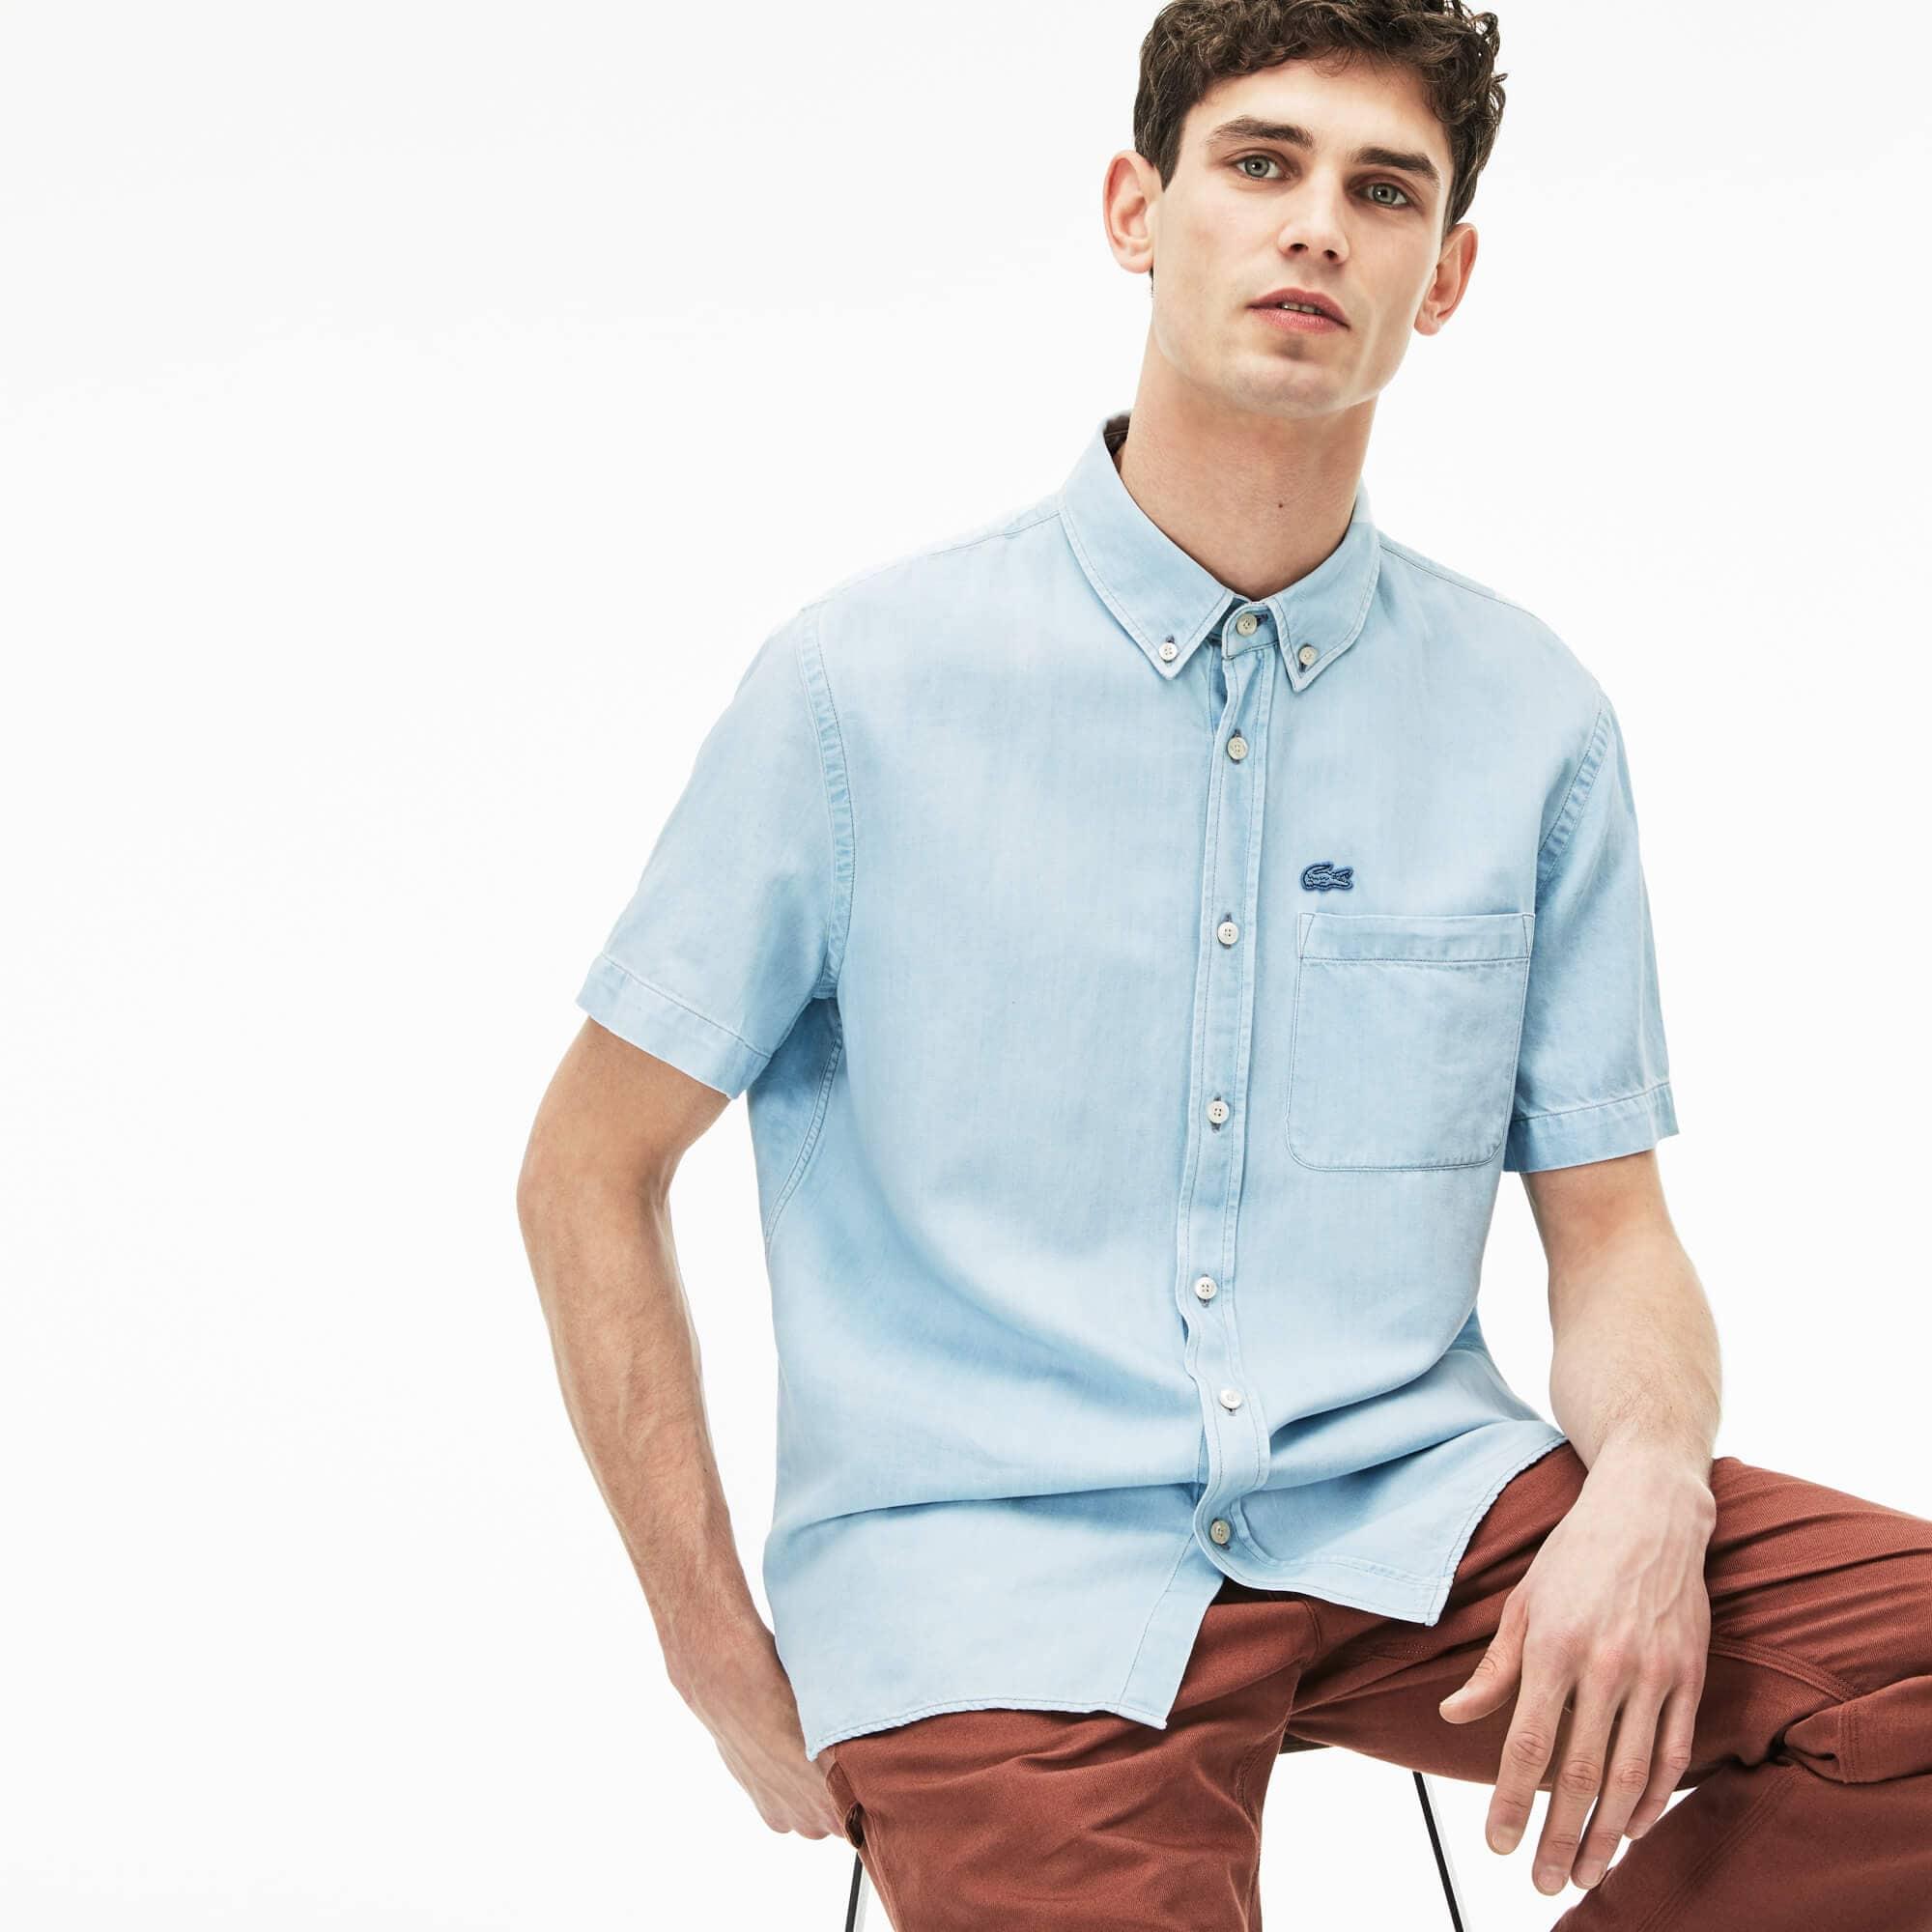 Men's Relaxed Fit Lightweight Denim Shirt